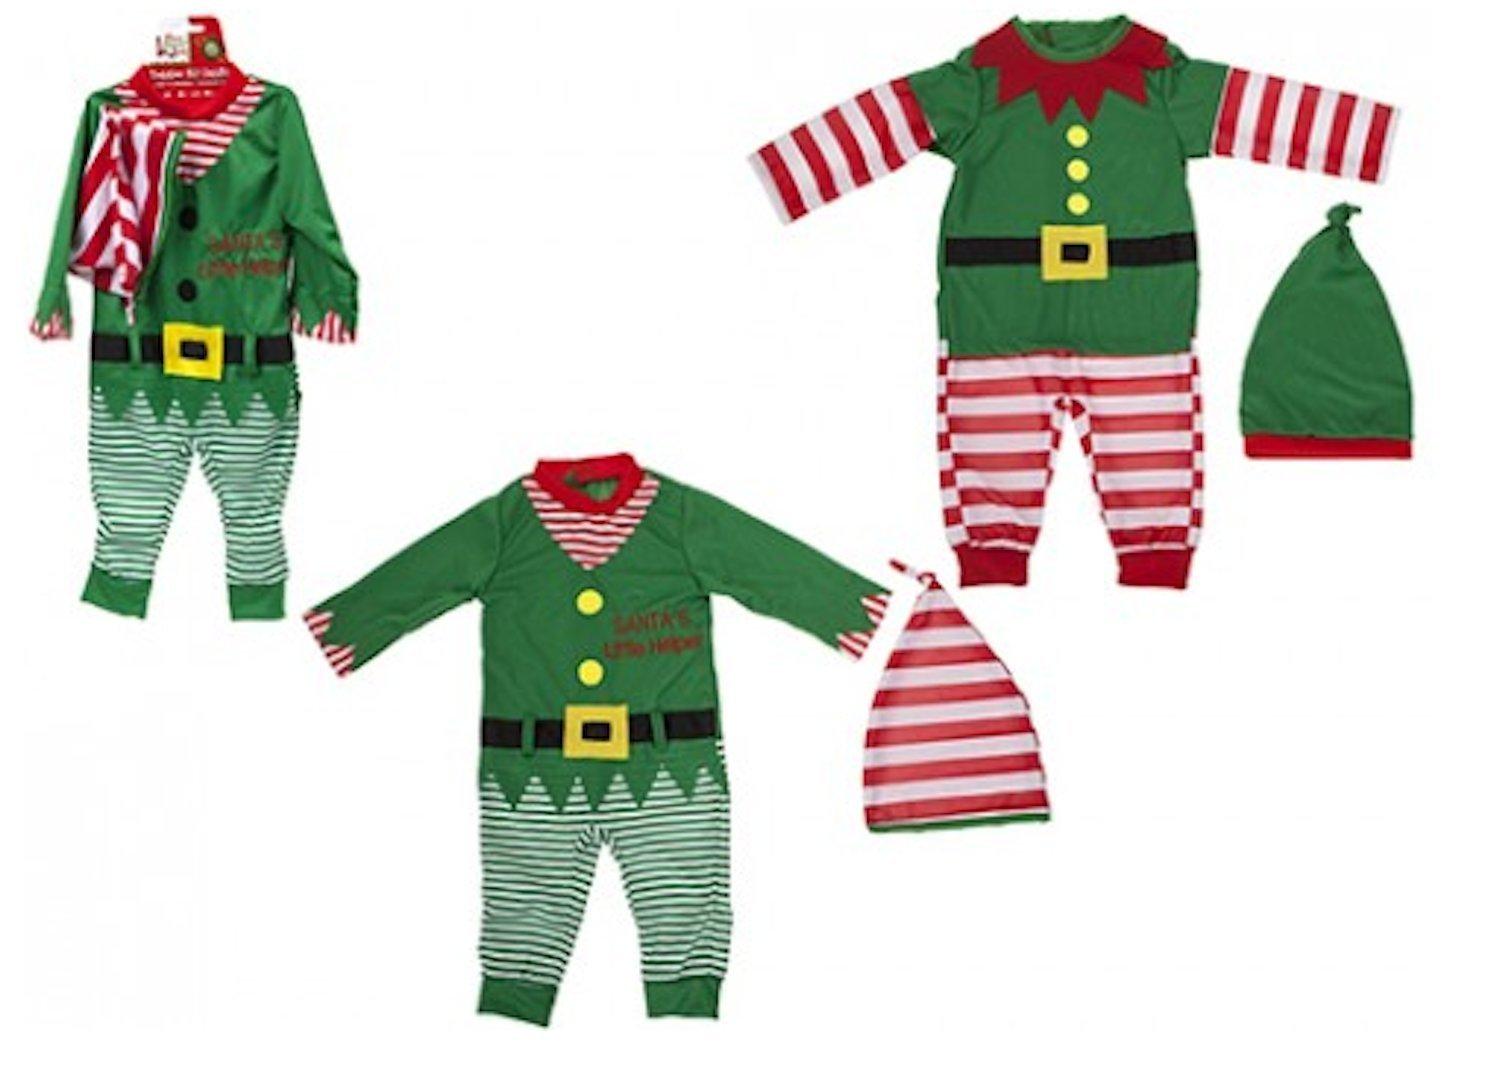 Kleinkind / Baby Weihnachten Elf Outfit. Spielanzug und Hut. 2 Entwü rfe (9-12 Monate, roter gestreift) elves behavin badly